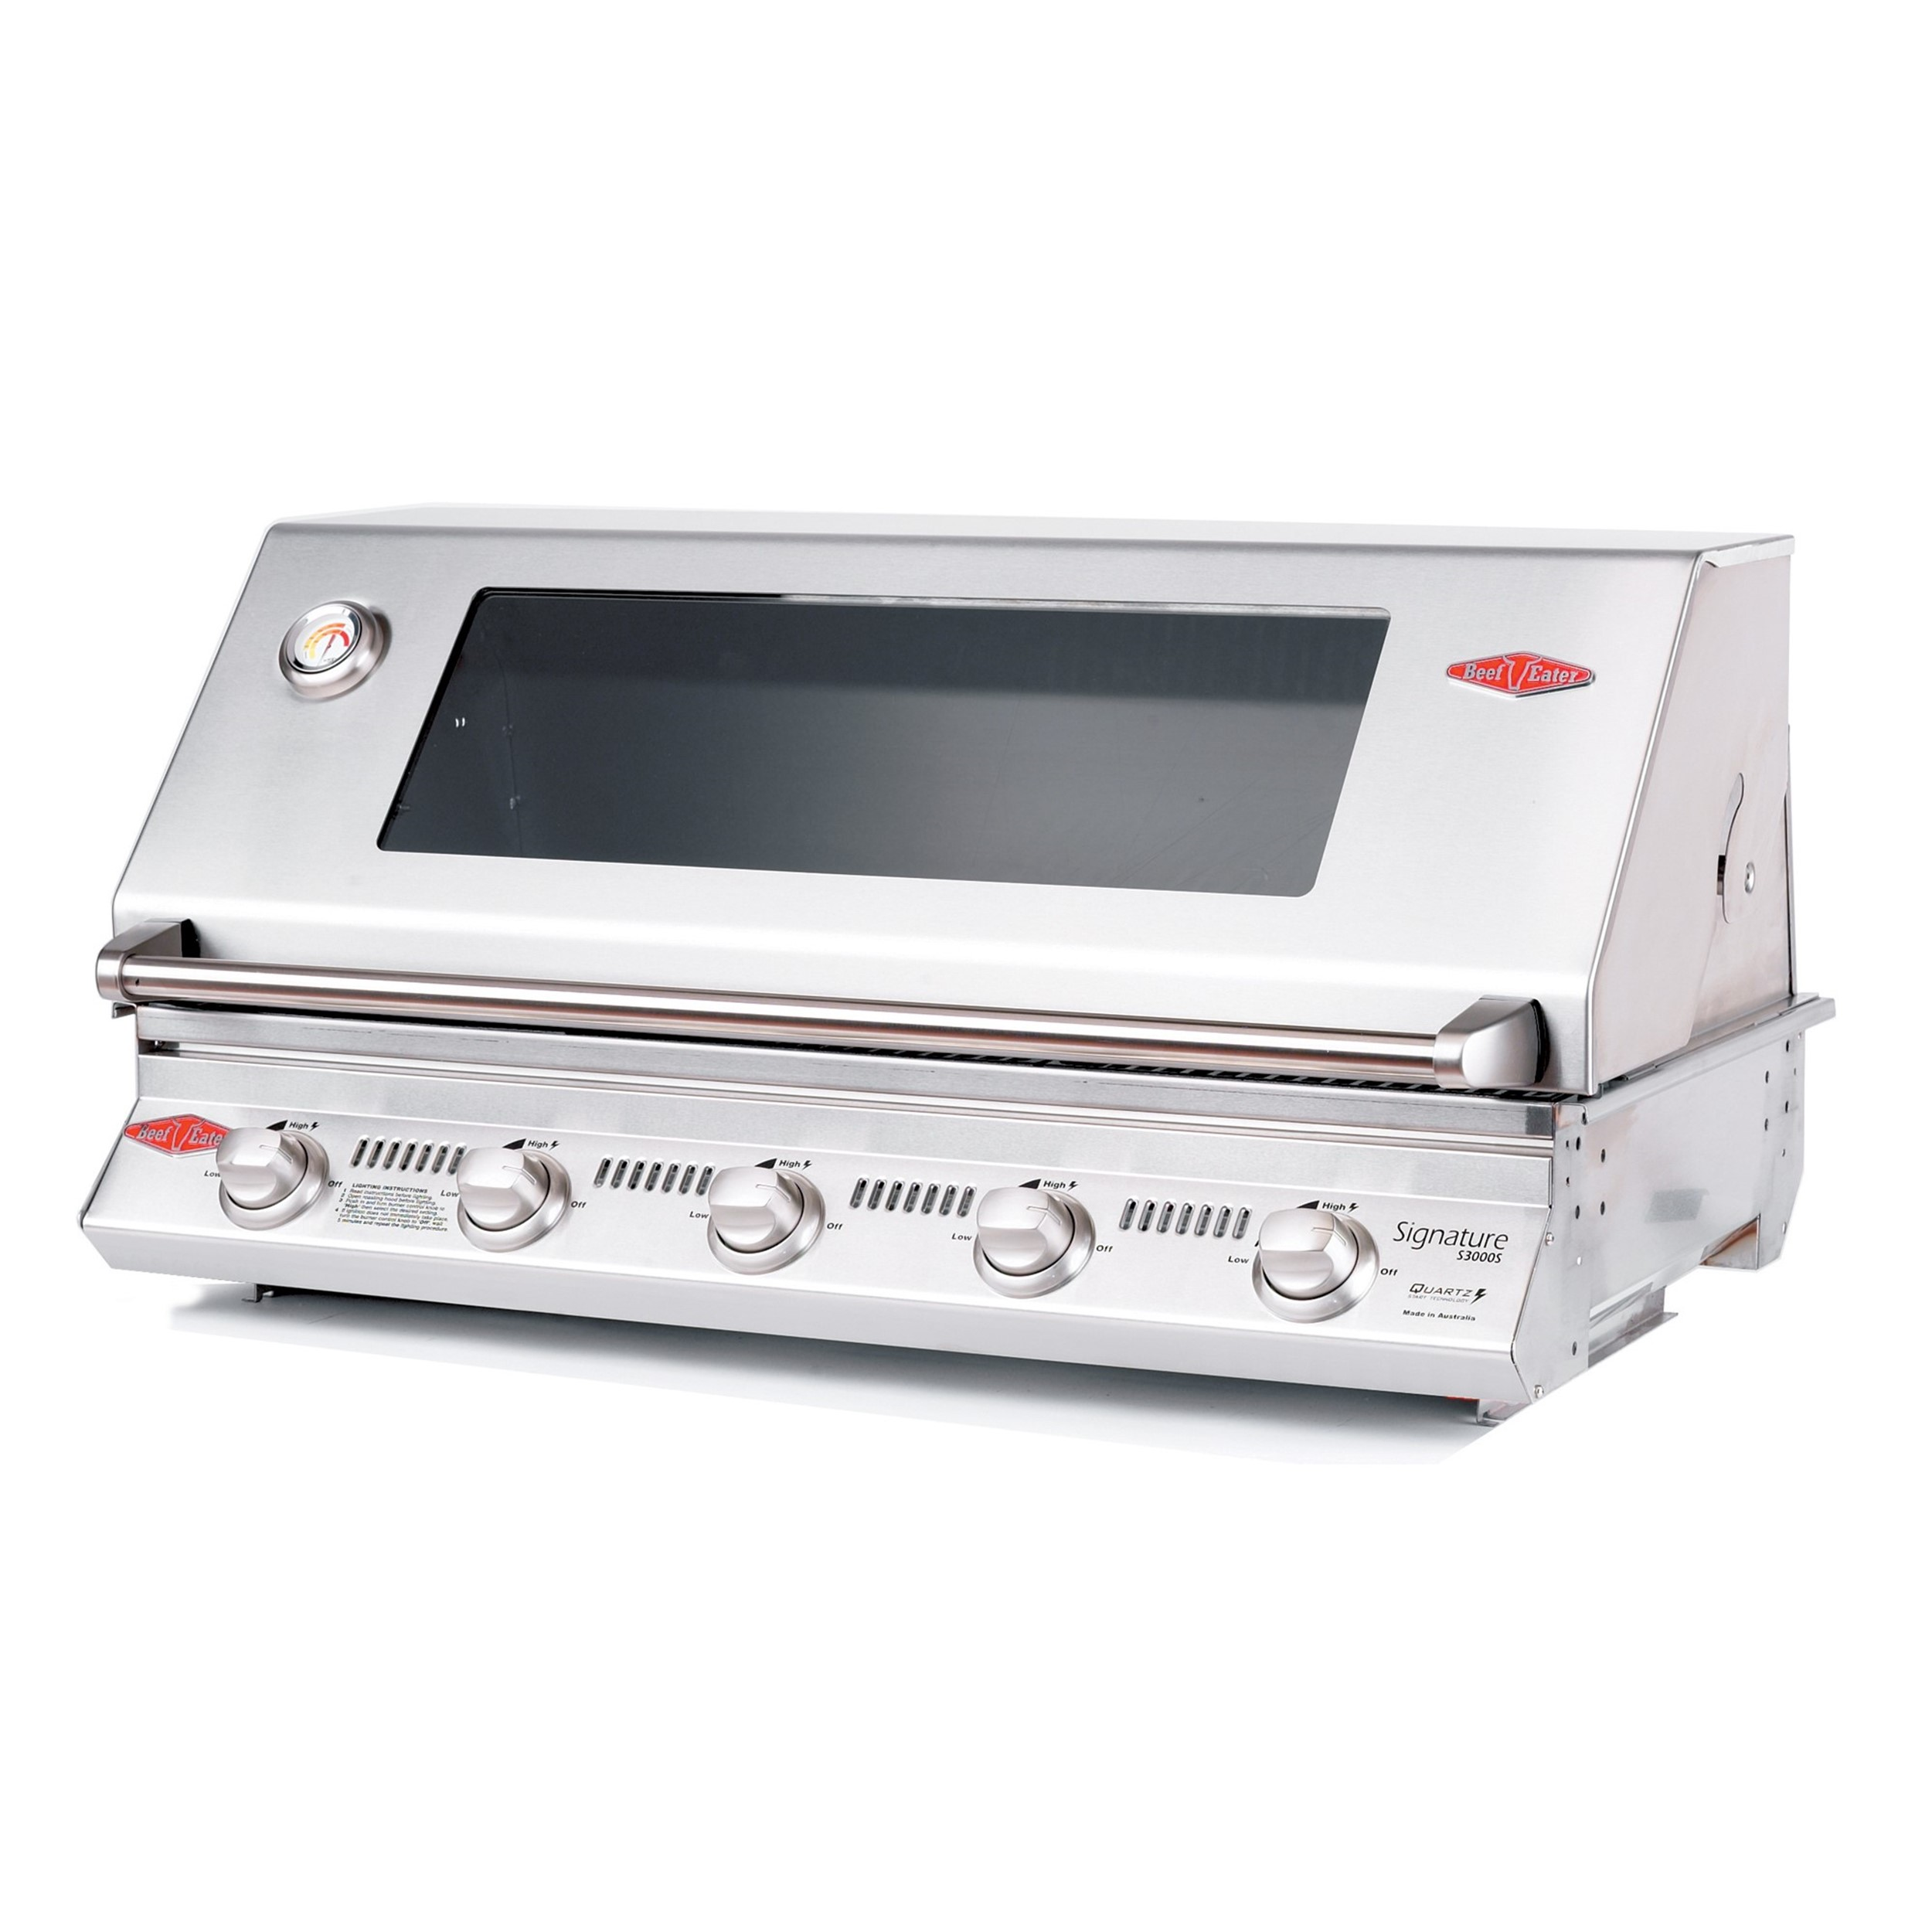 Picture of Signature 3000S - 5 Burner